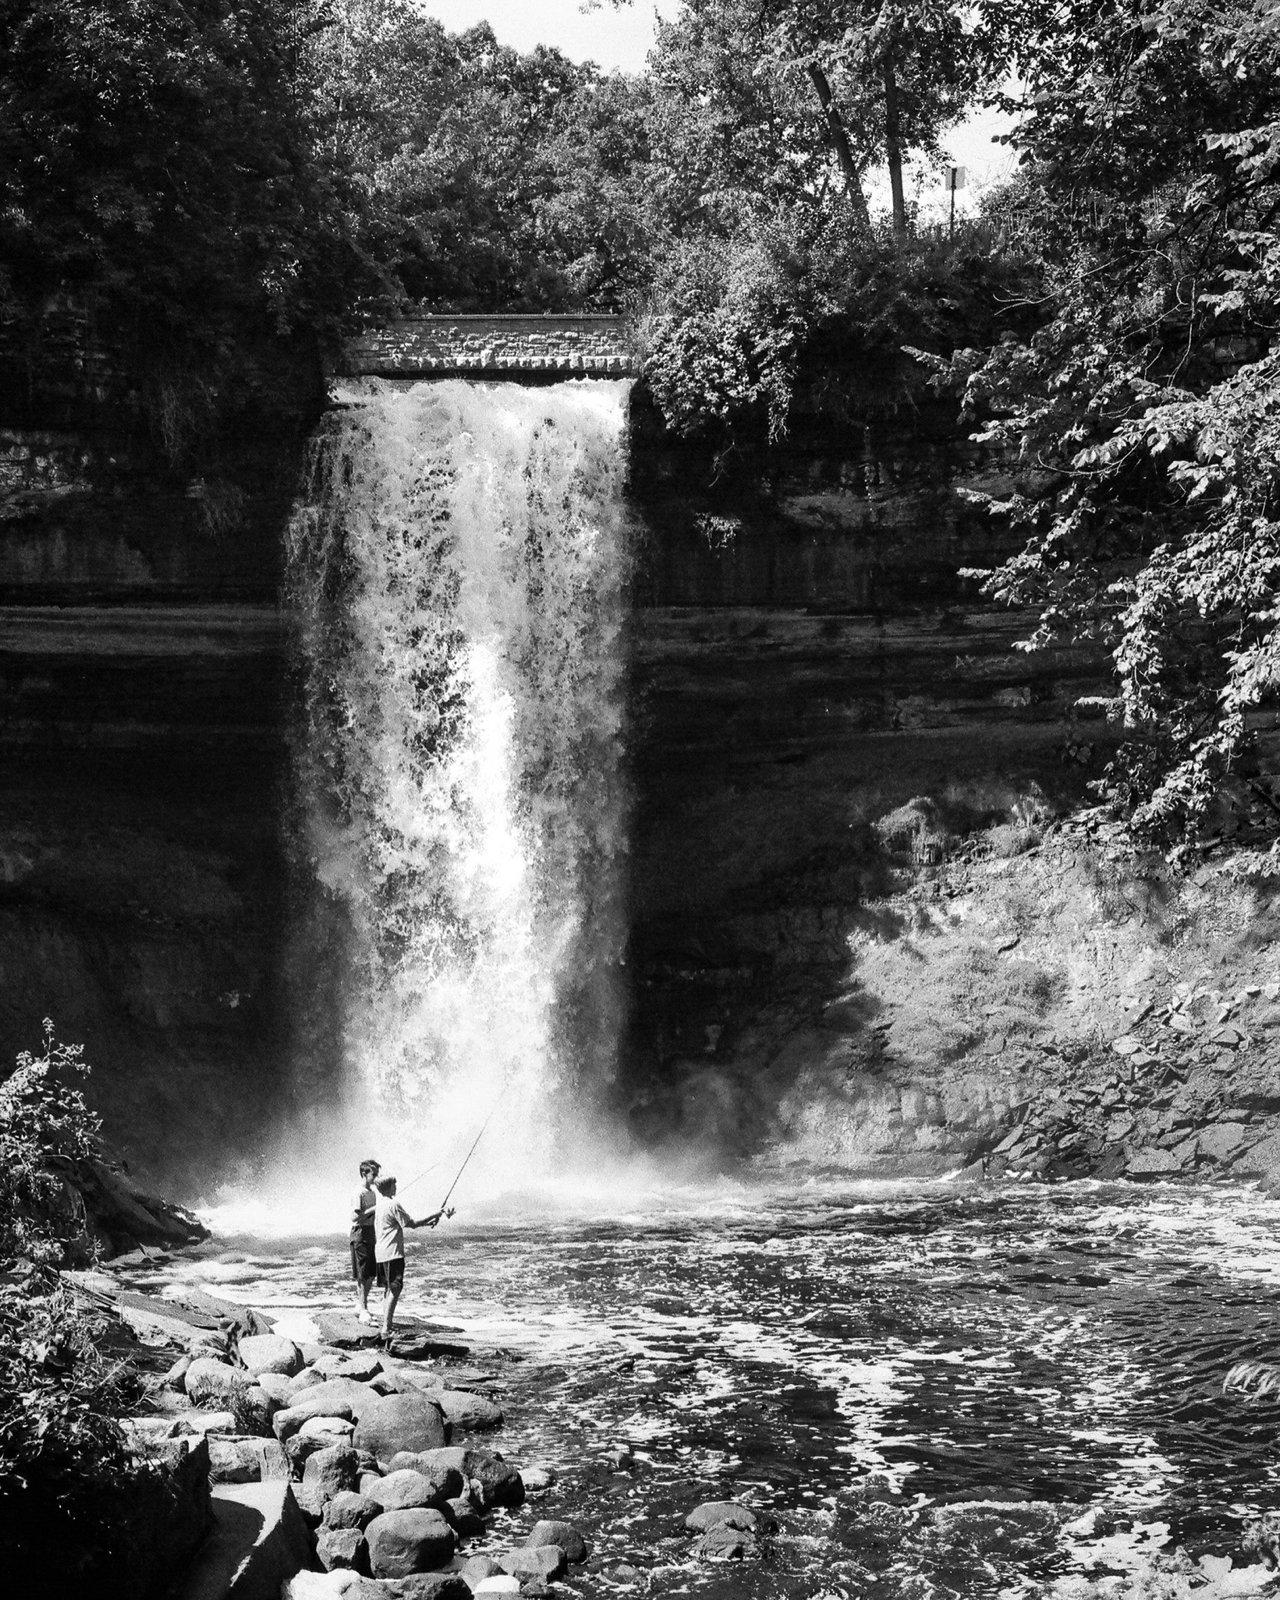 Fishing at the Falls